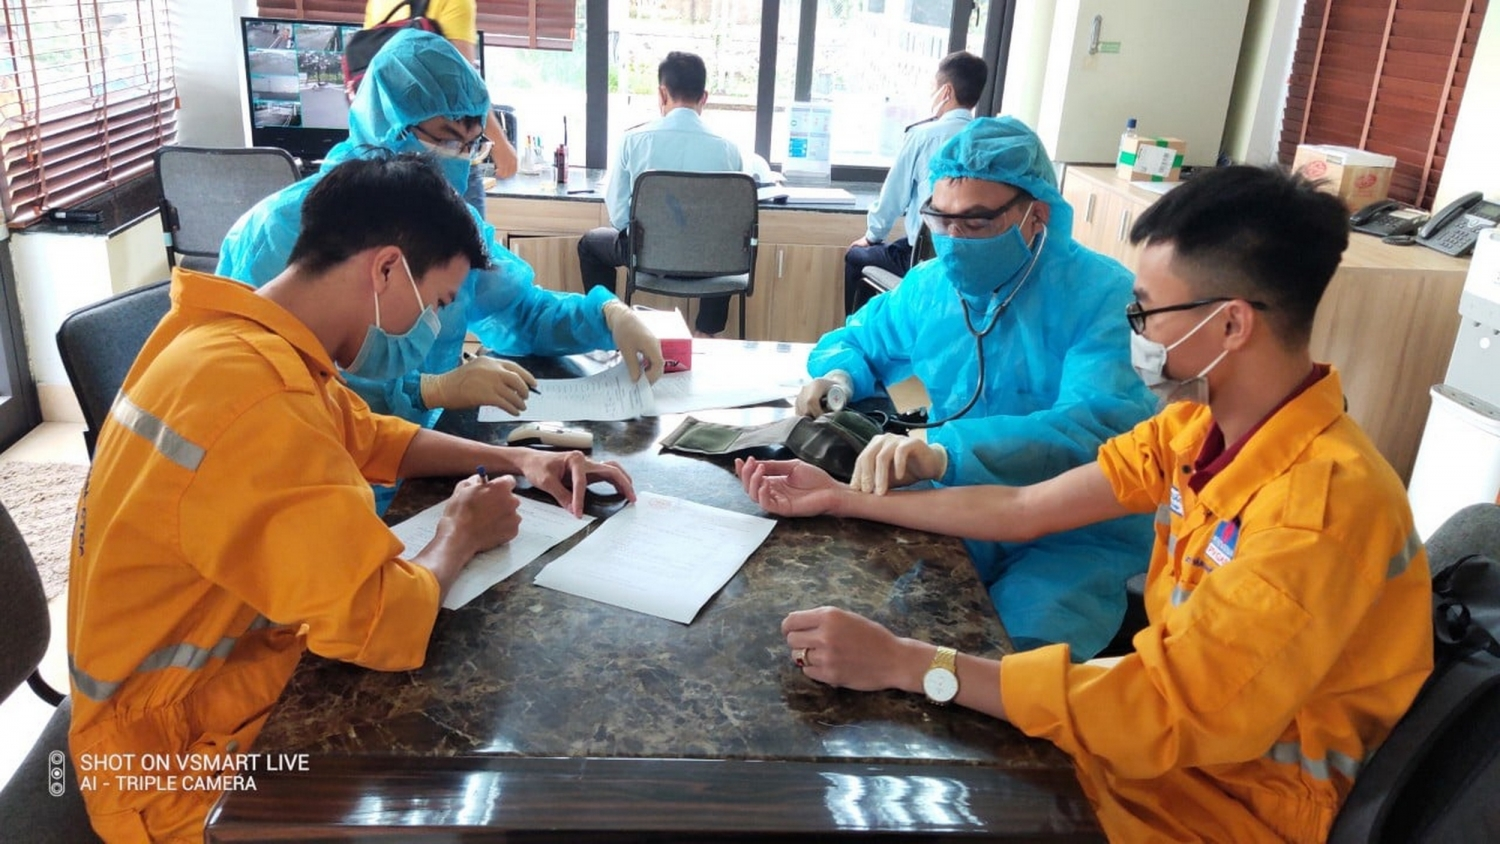 Tổ chức khám sức khỏe cho người lao động khi bước vào khu vực làm việc an toàn đặc biệt